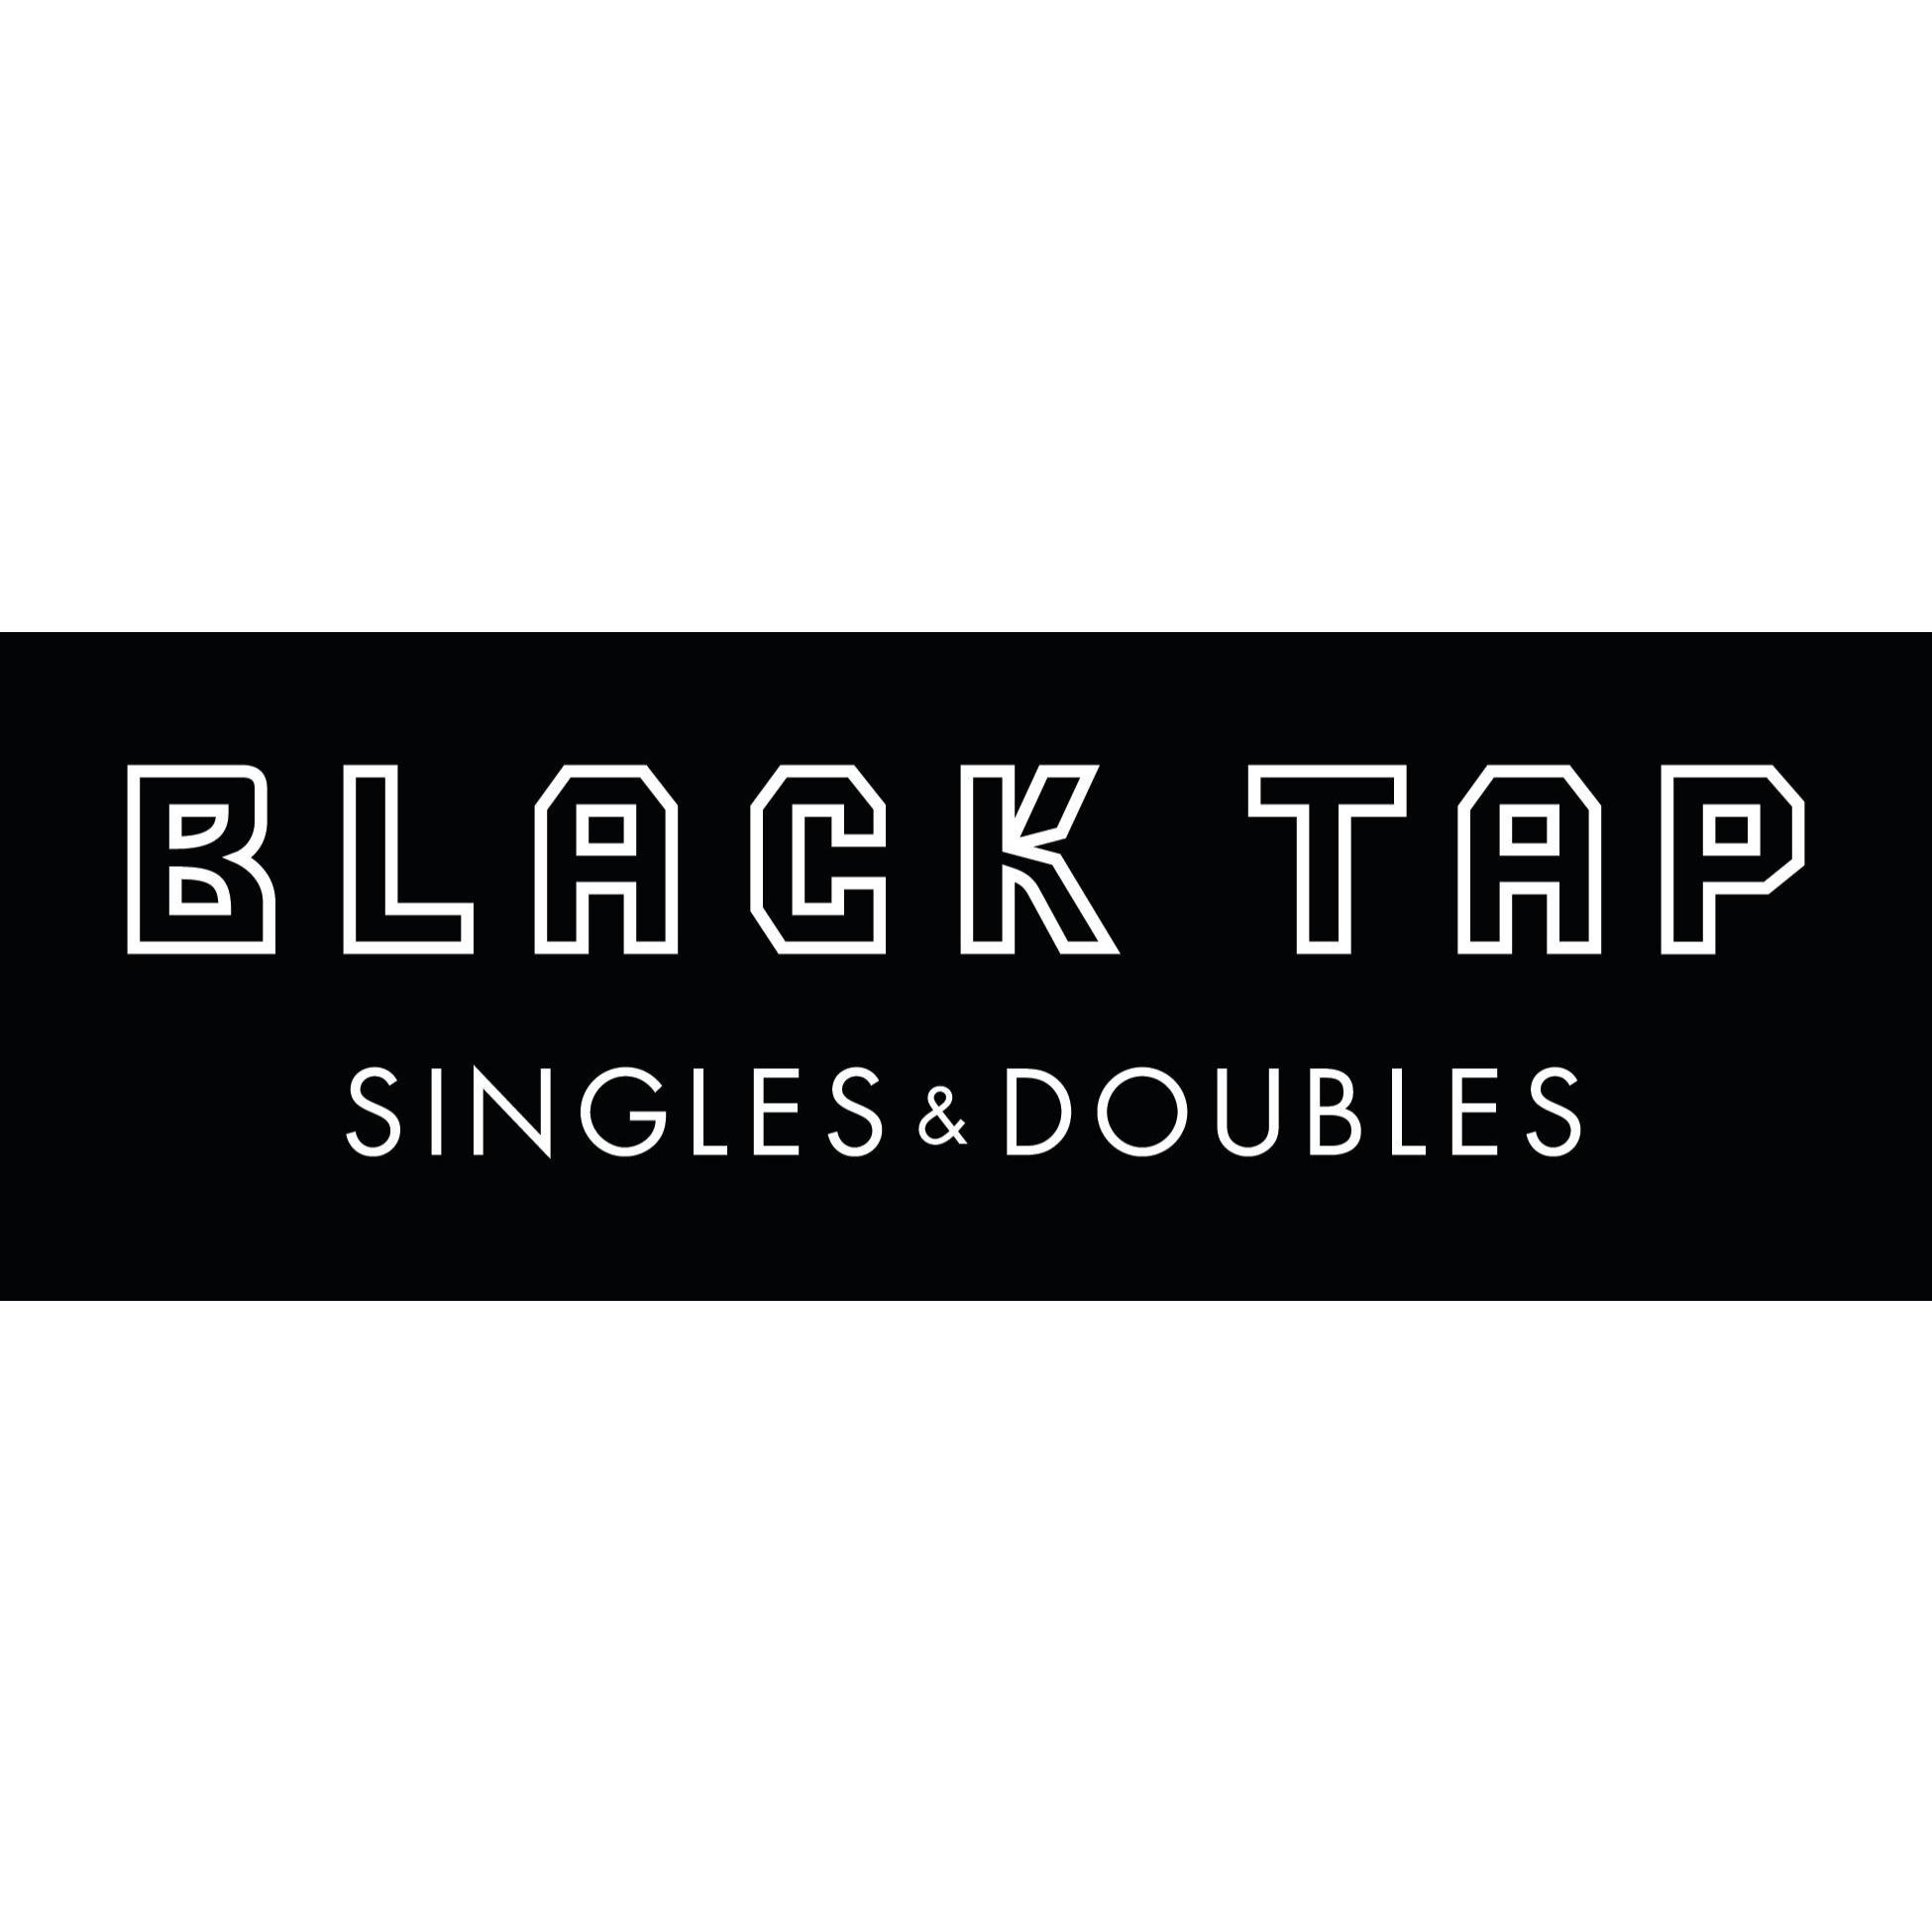 Black Tap Singles & Doubles Pop Up